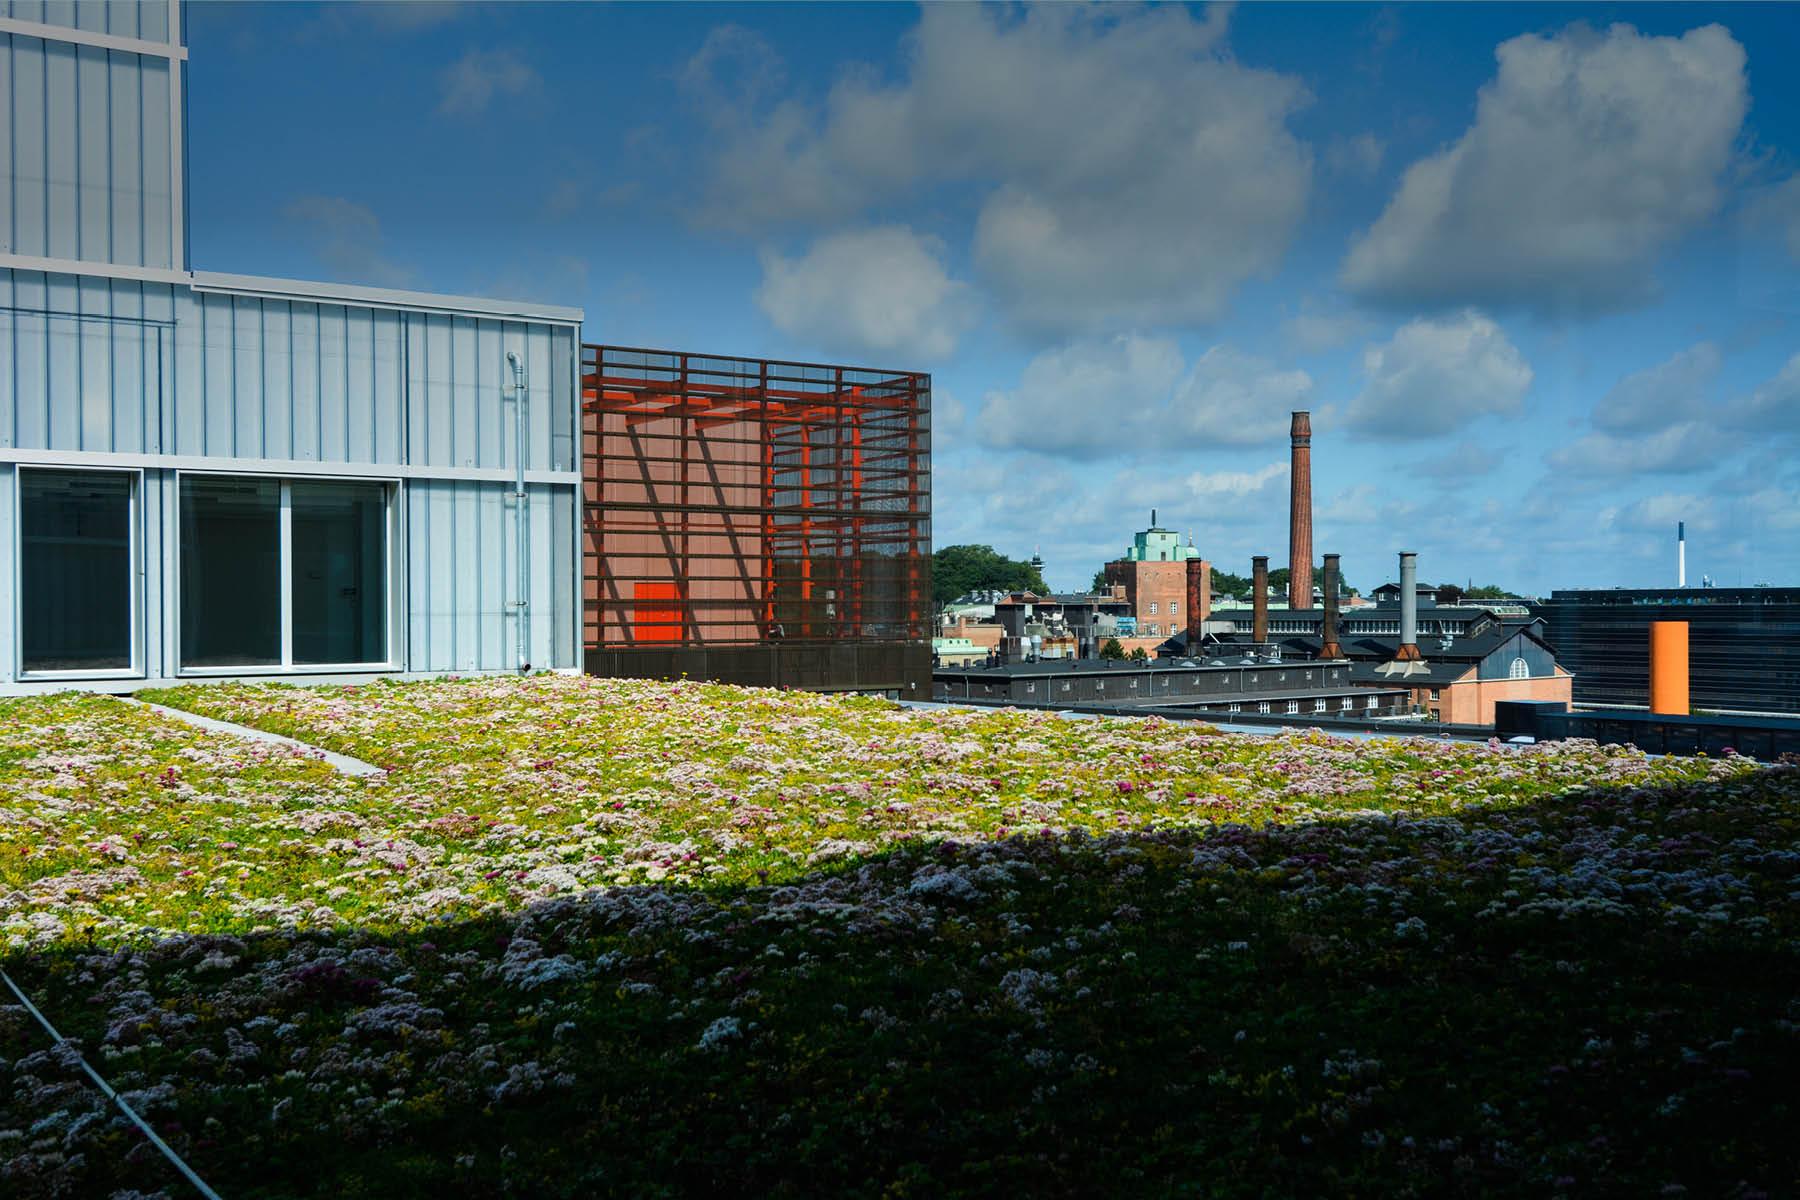 Fra tagterrasserne på Campus Carlsberg er der udsigt udover hele Carlsbergbyen